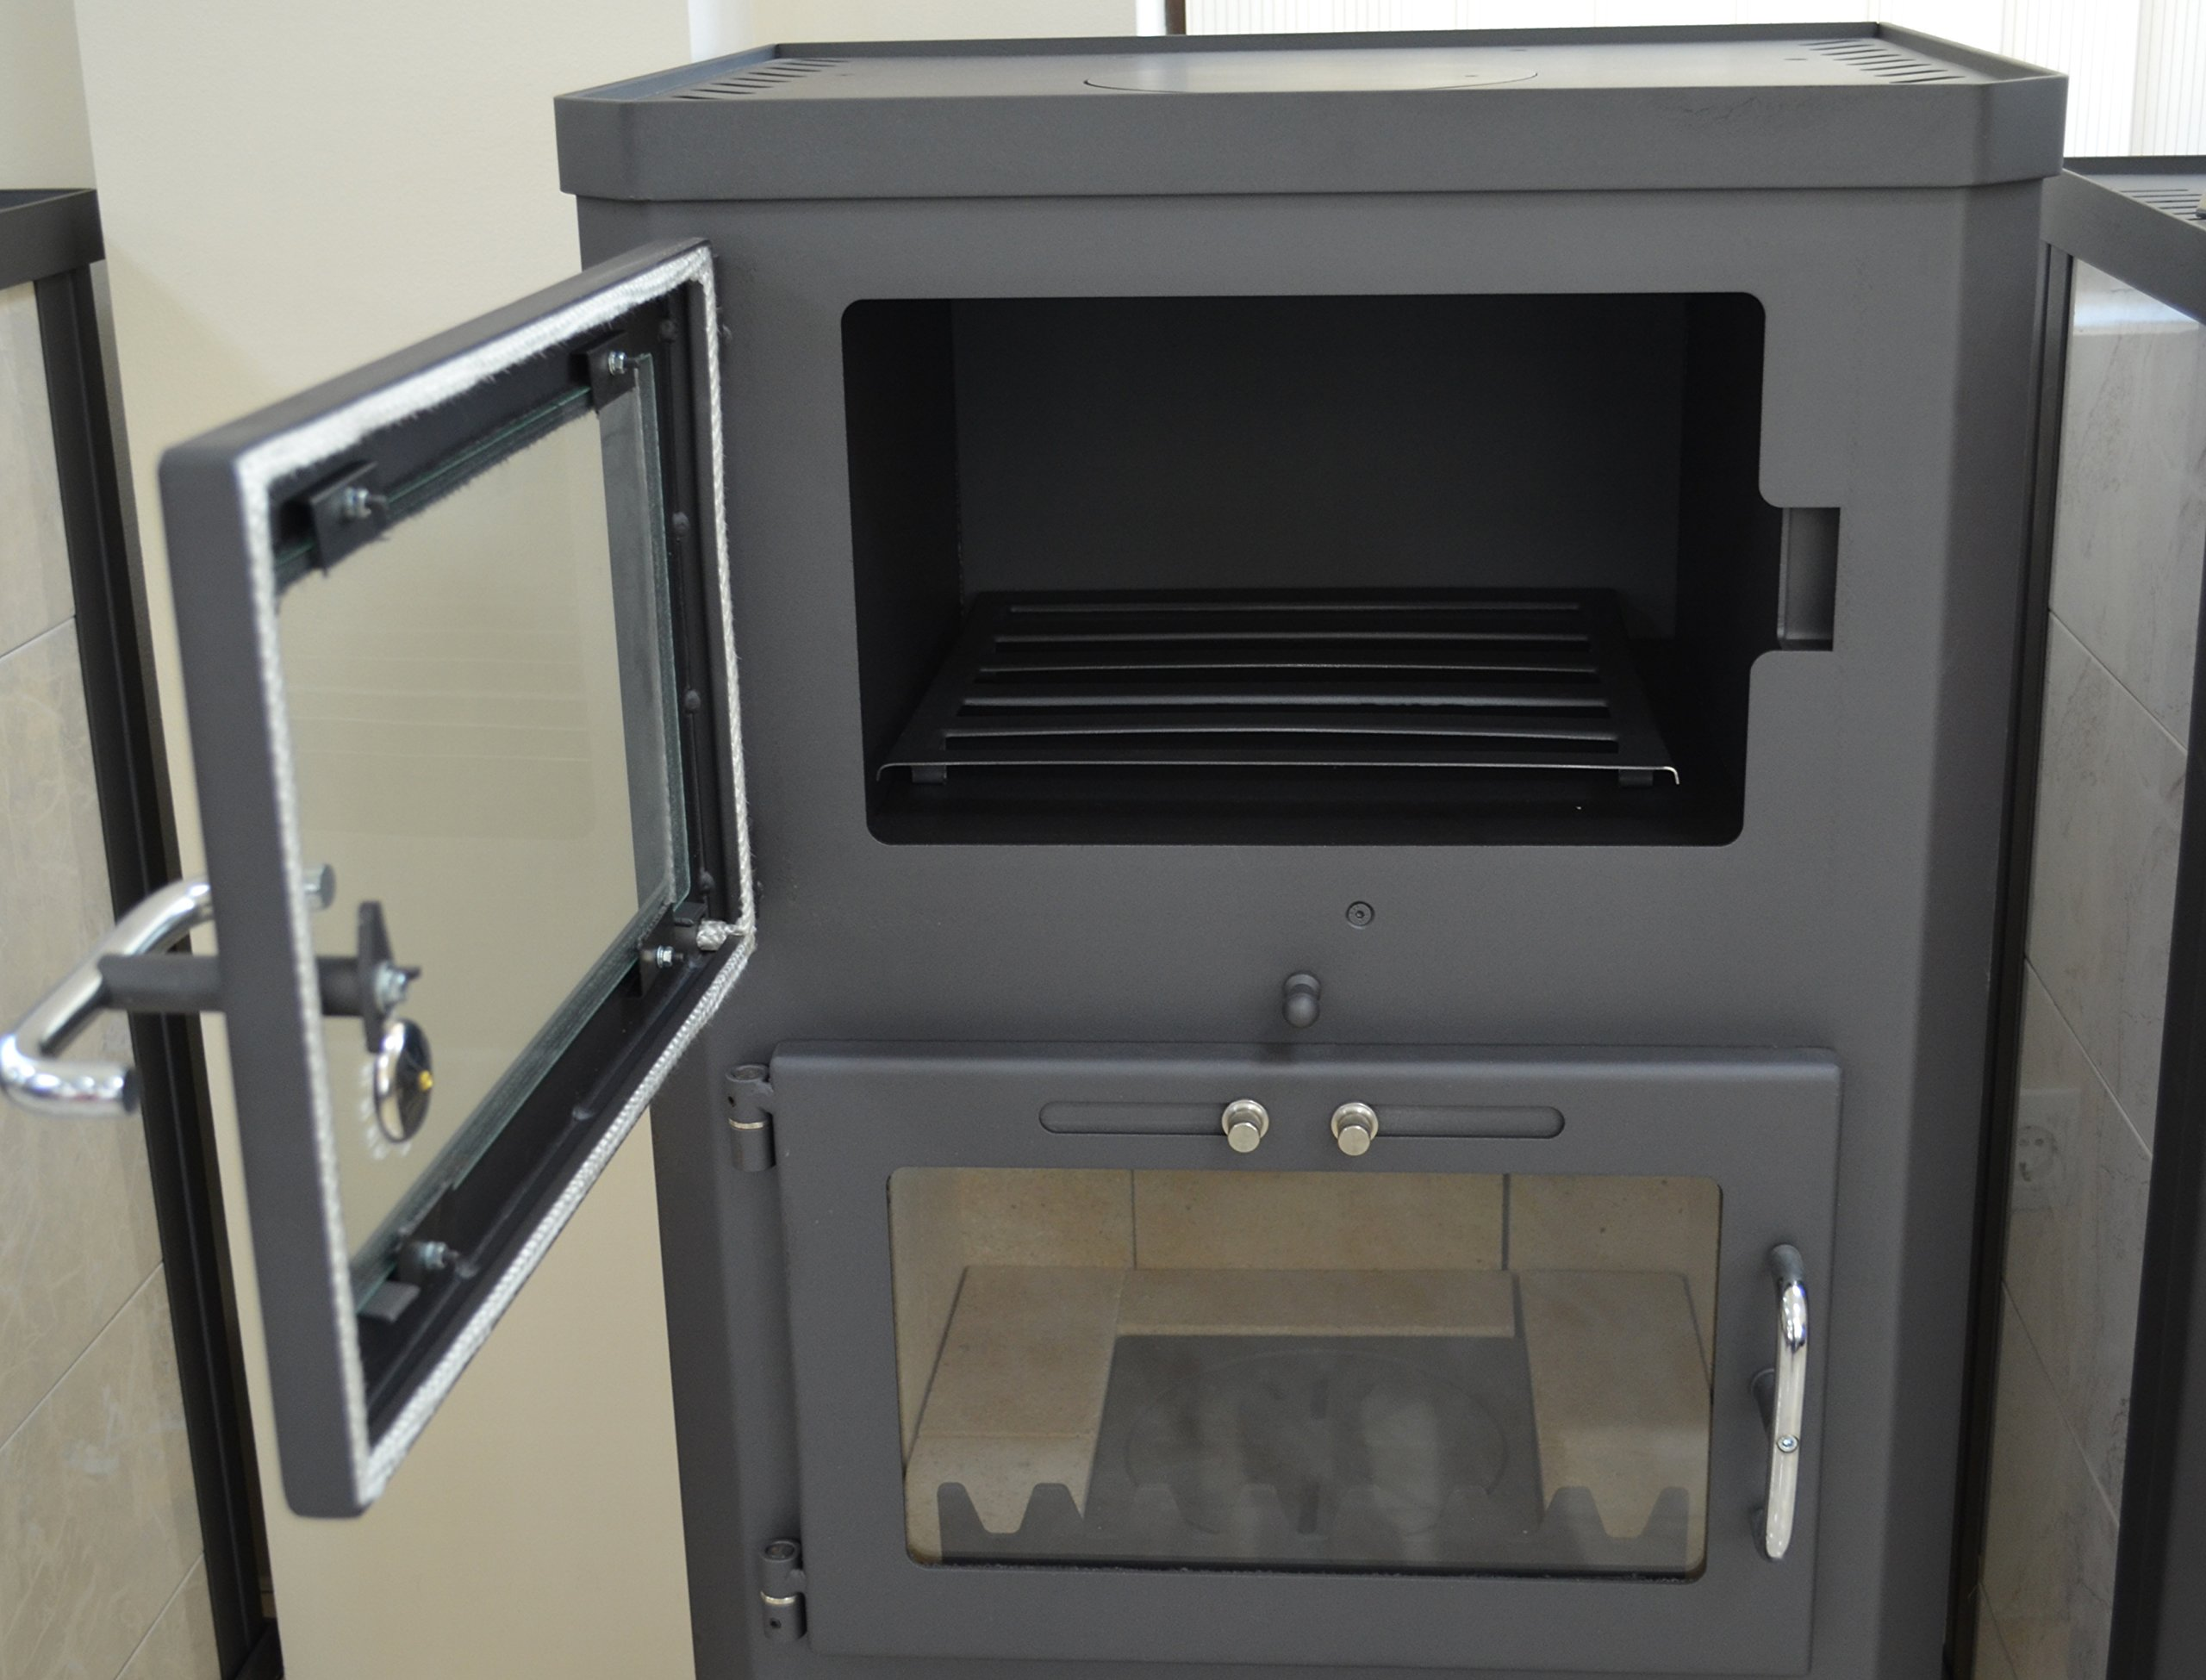 81EdaNR 9ML - Estufa de leña para estufa, estufa, cocina, combustible, quemador de leña, 12/17 kW, BImSchV 2